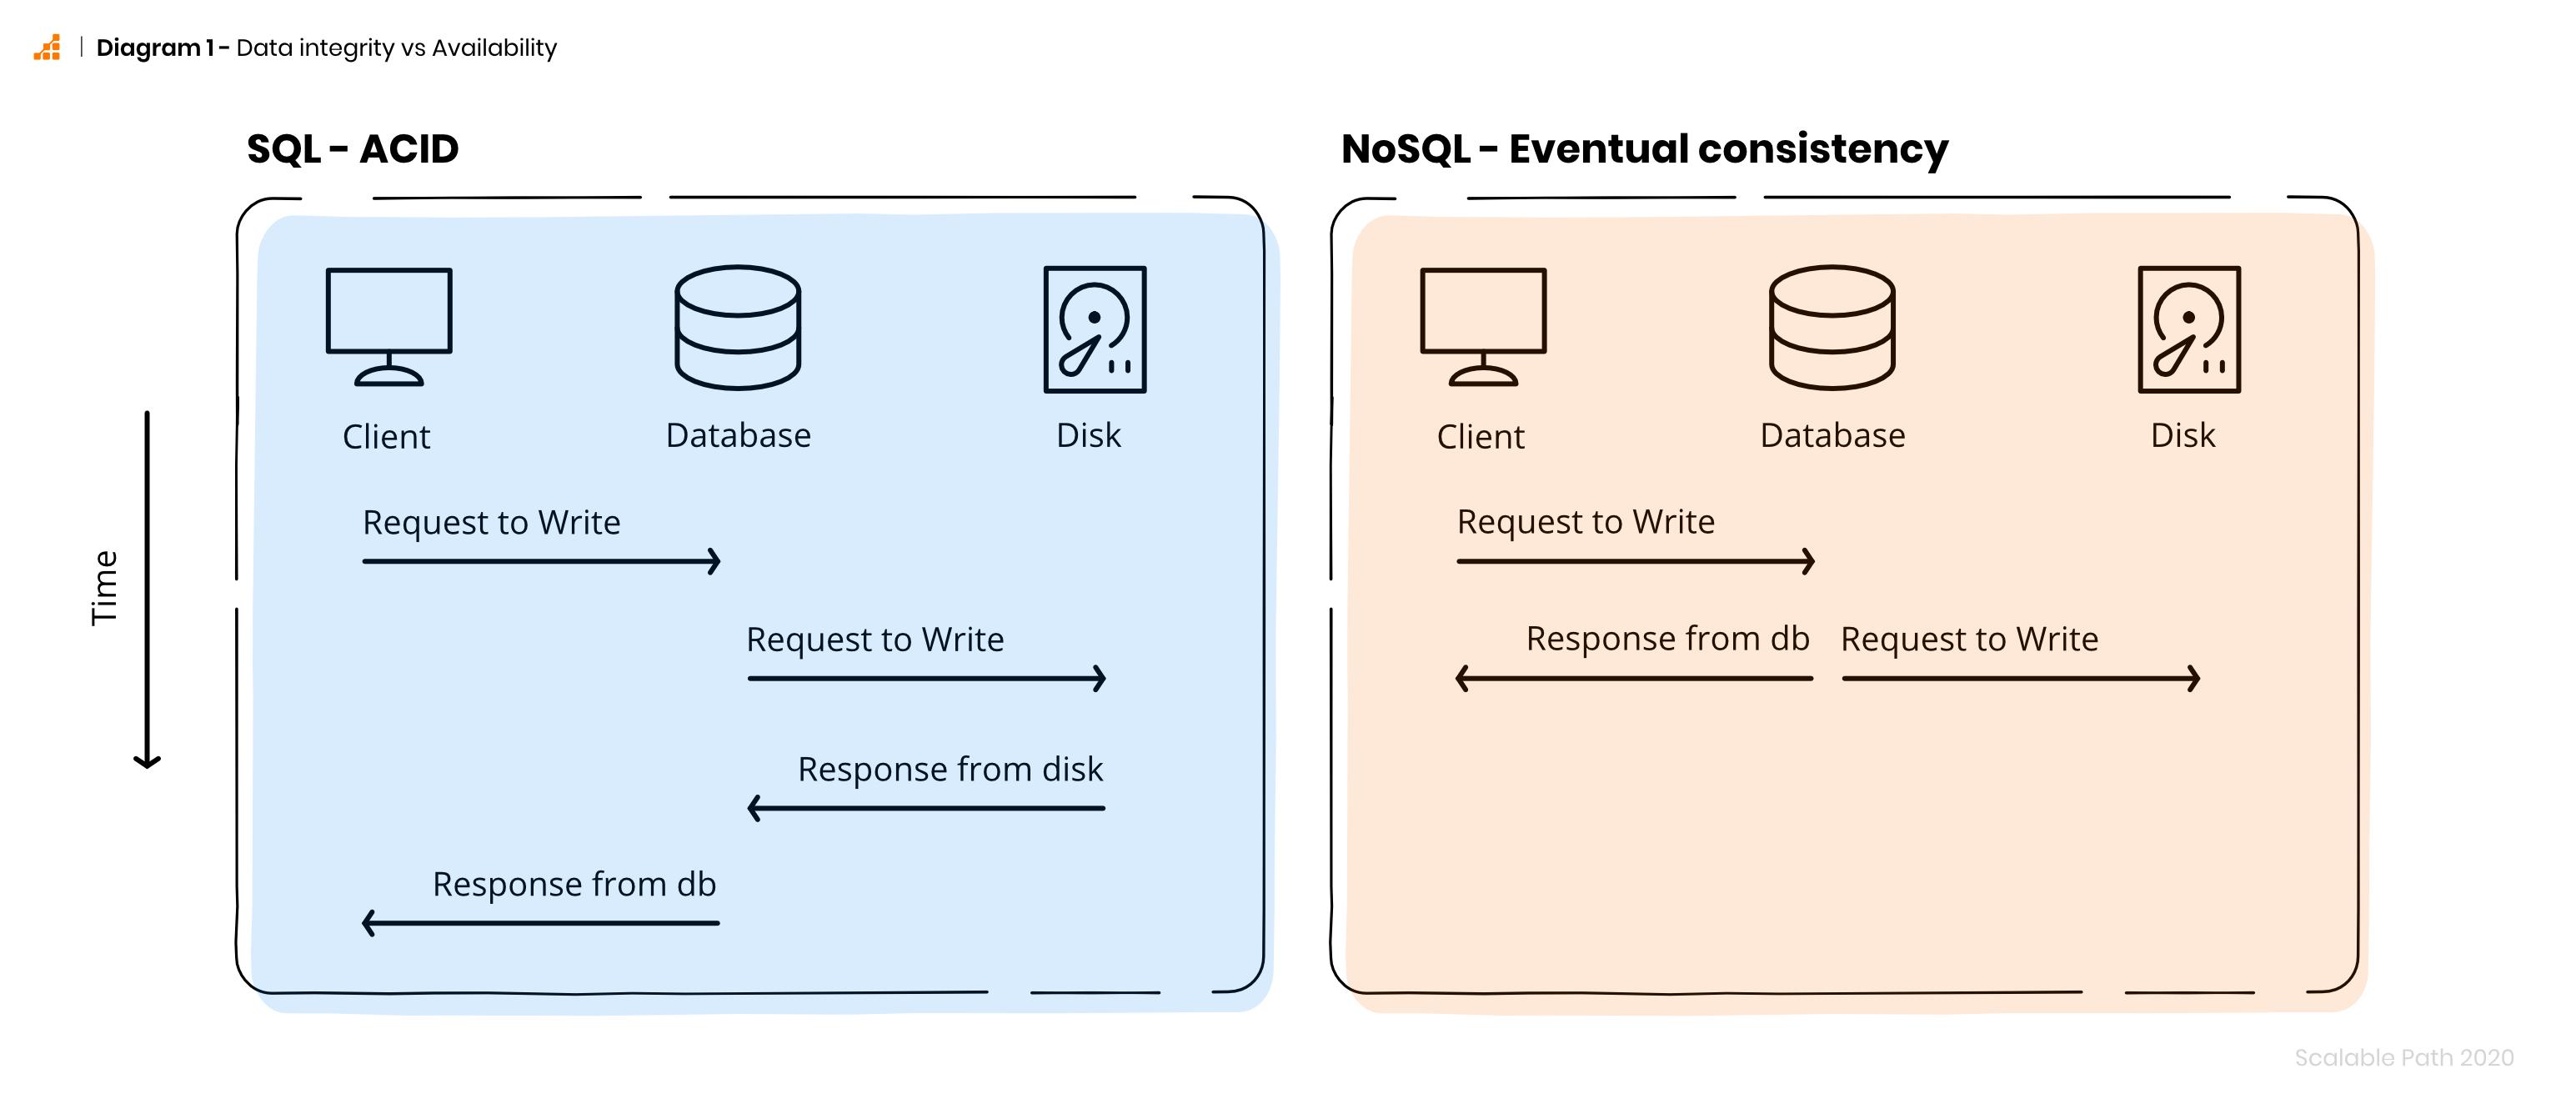 Diagram comparing SQL vs NoSQL